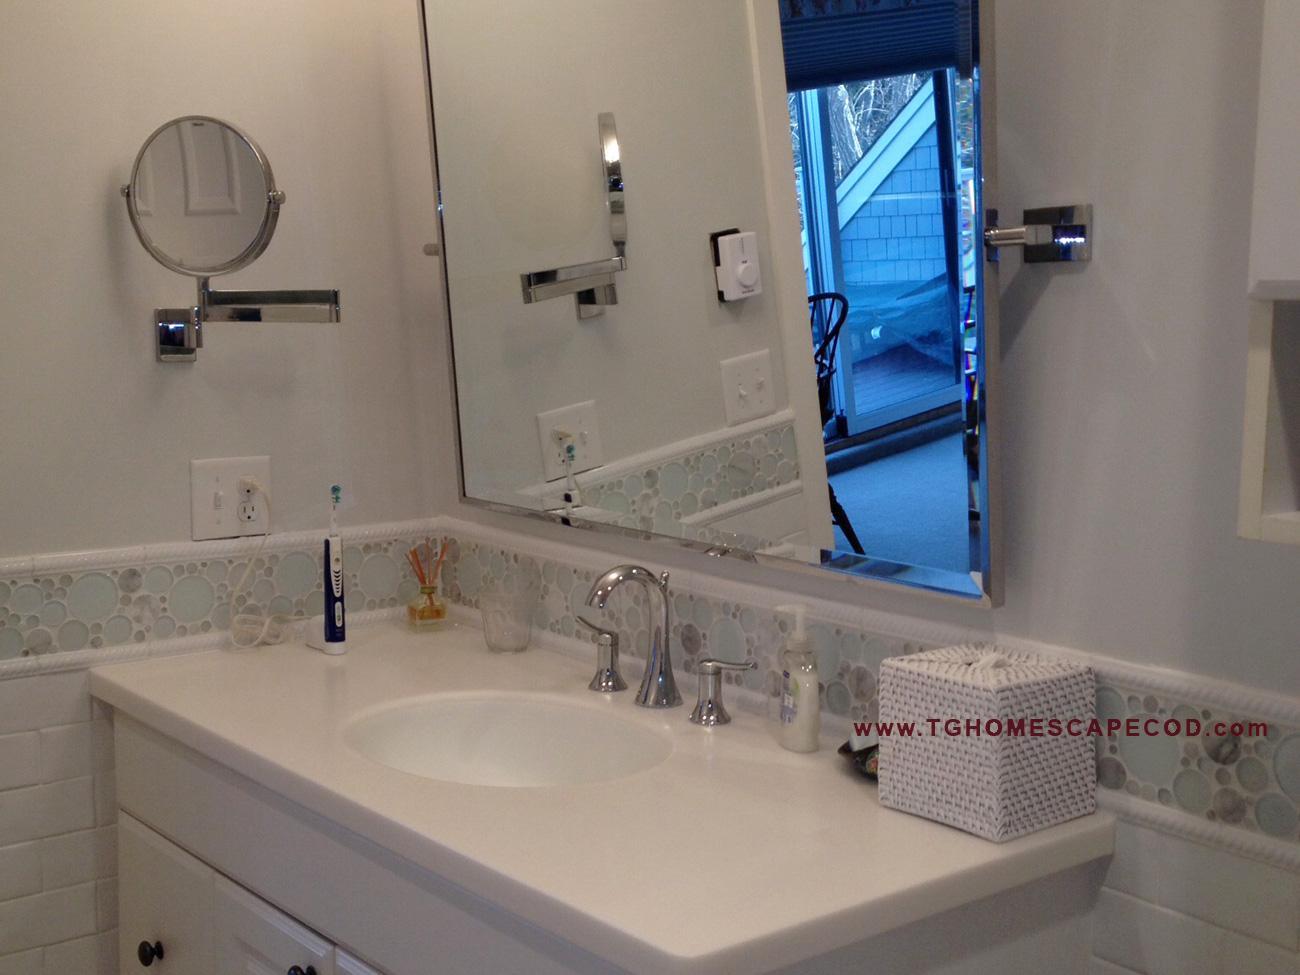 Cape Cod Bath Remodel   Cape Cod Home Design U0026 Build Services, New  Construction, Kitchen And Bath Remodel, Additions